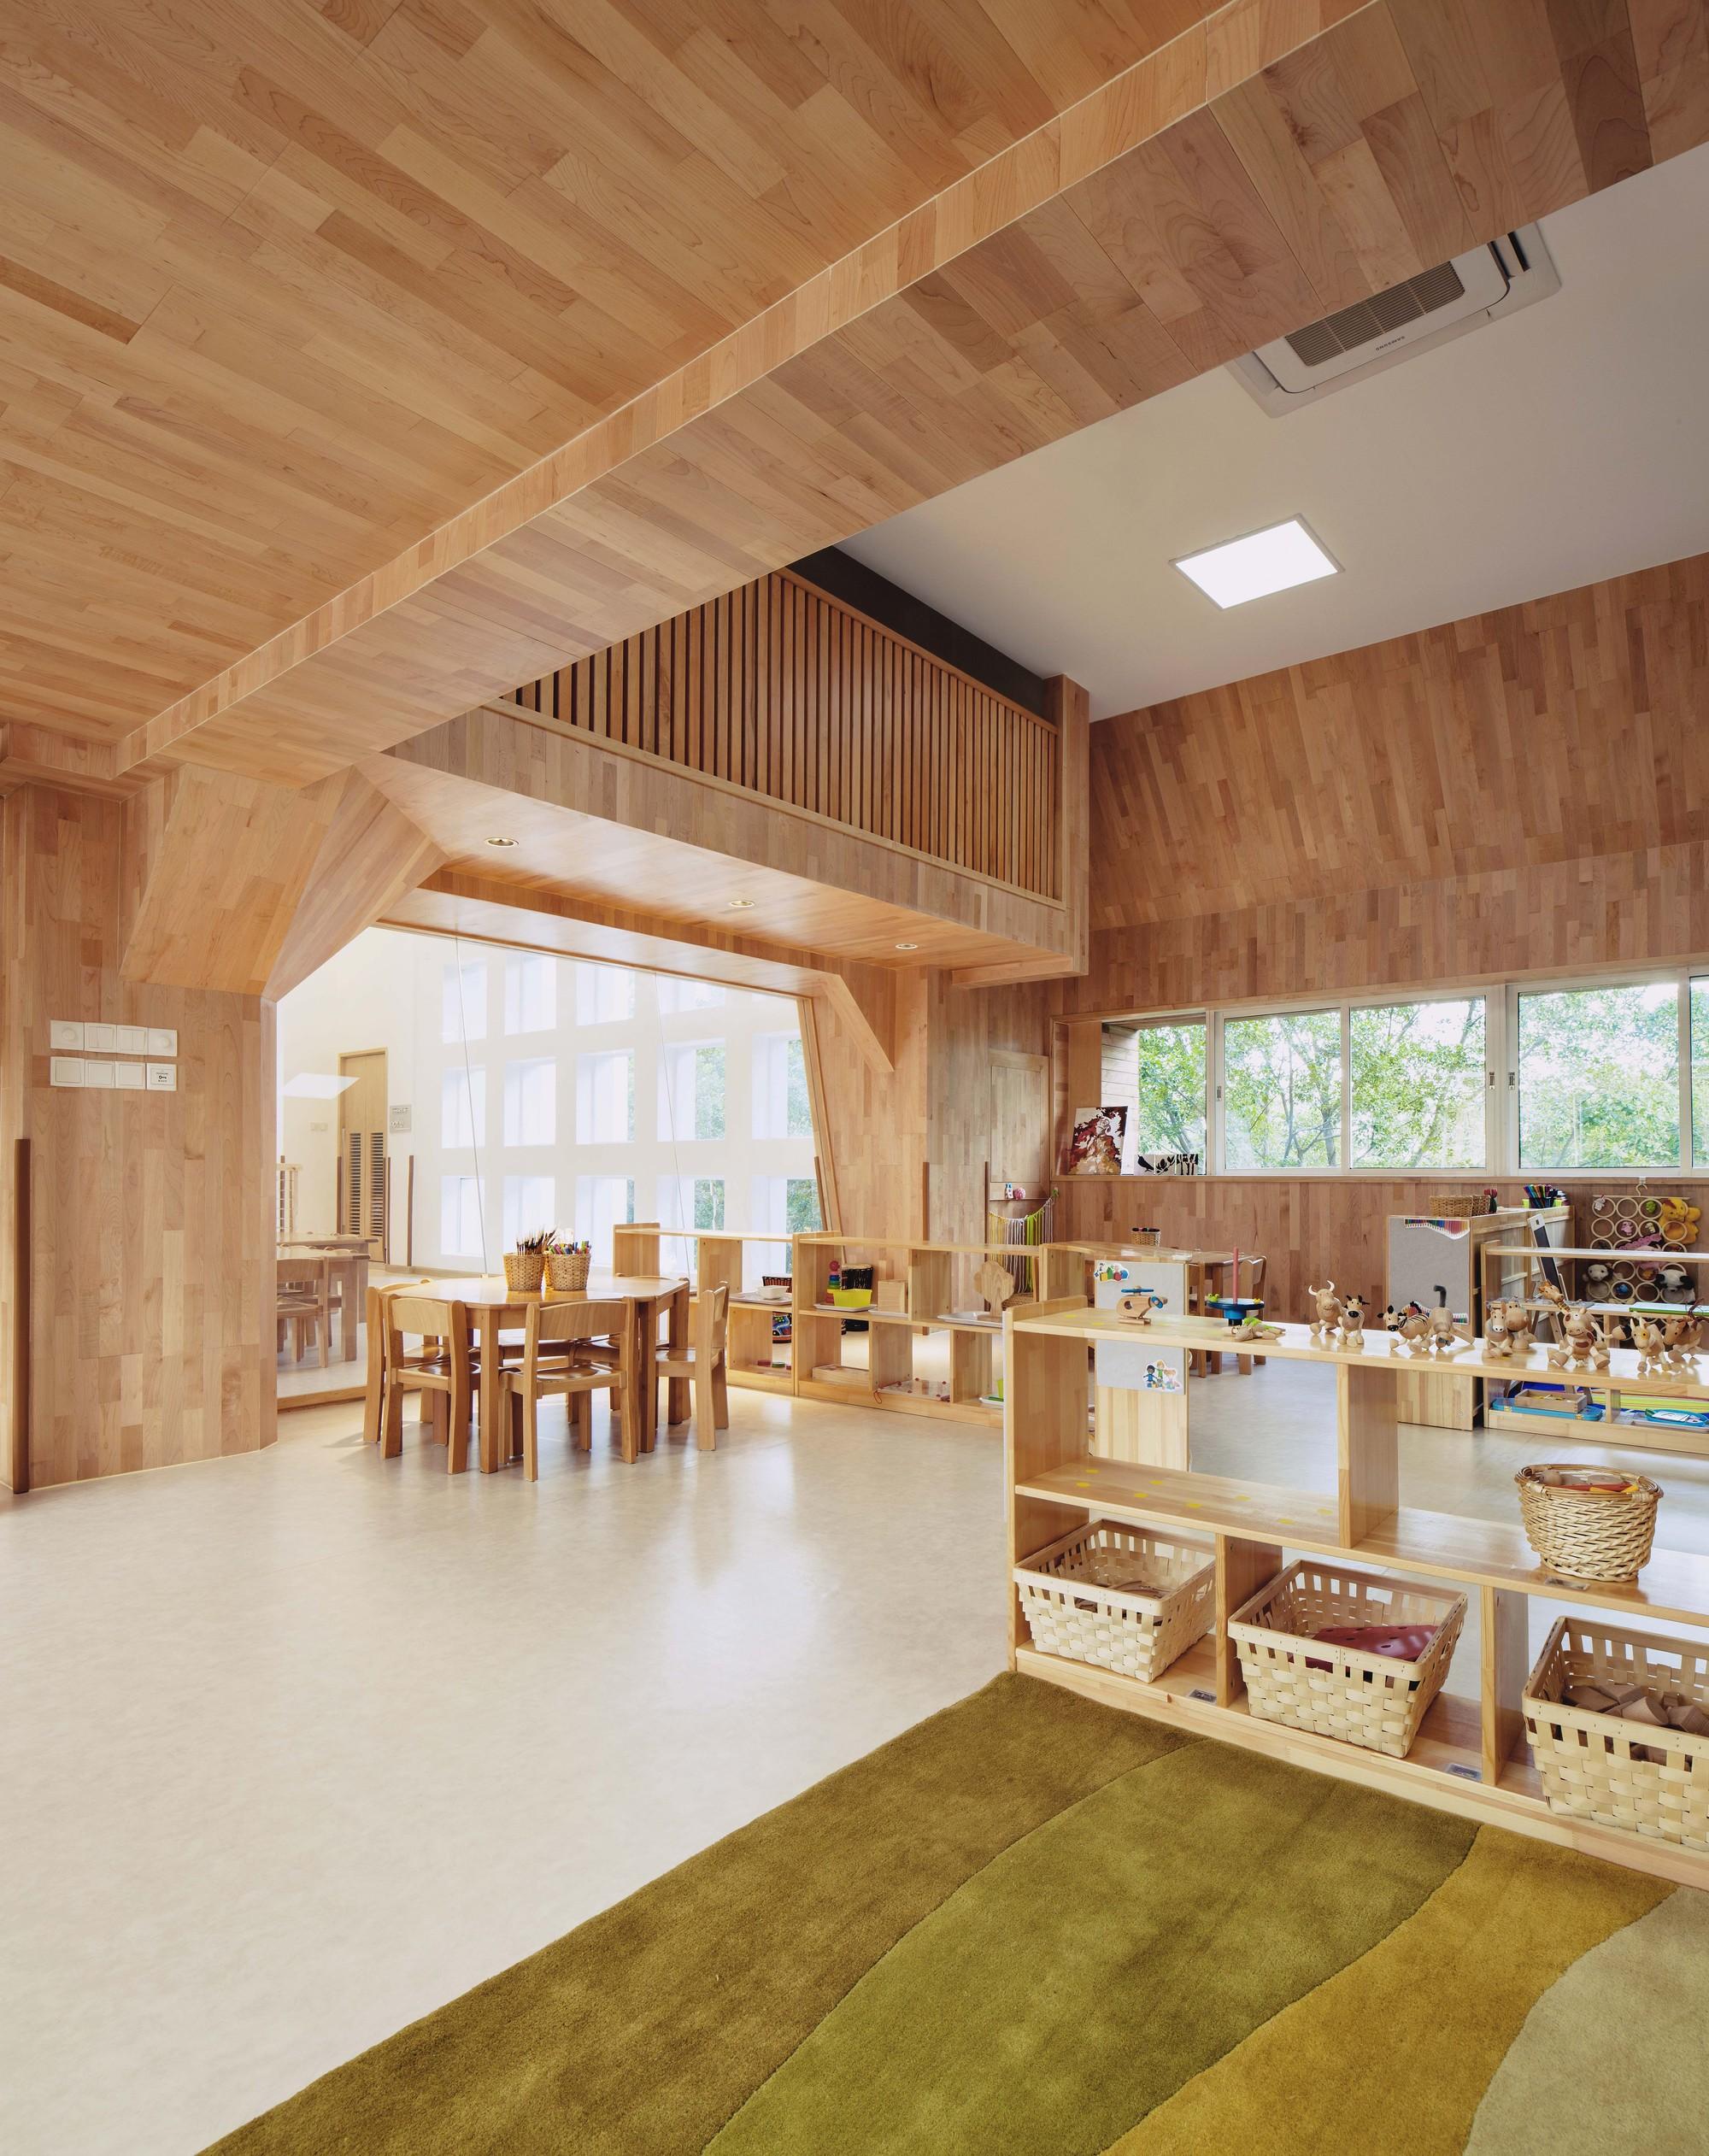 Gallery of IBOBI Kindergarten / VMDPE - 7